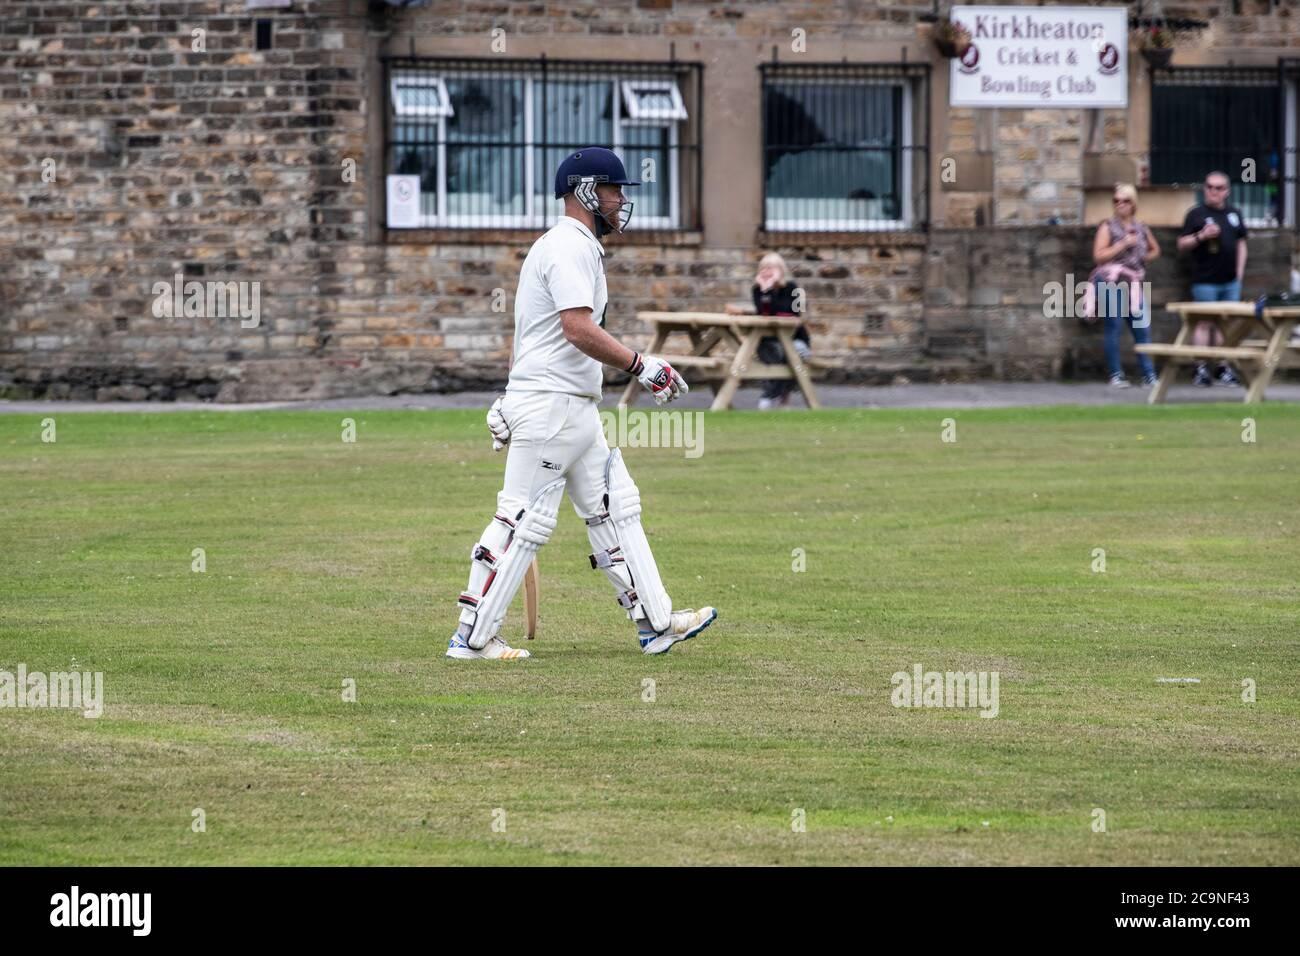 Nuevo bateador en un partido de críquet en el pueblo de West Yorkshire tomando el campo en almohadillas, guantes y casco con un palo de cricket el sábado por la tarde Foto de stock